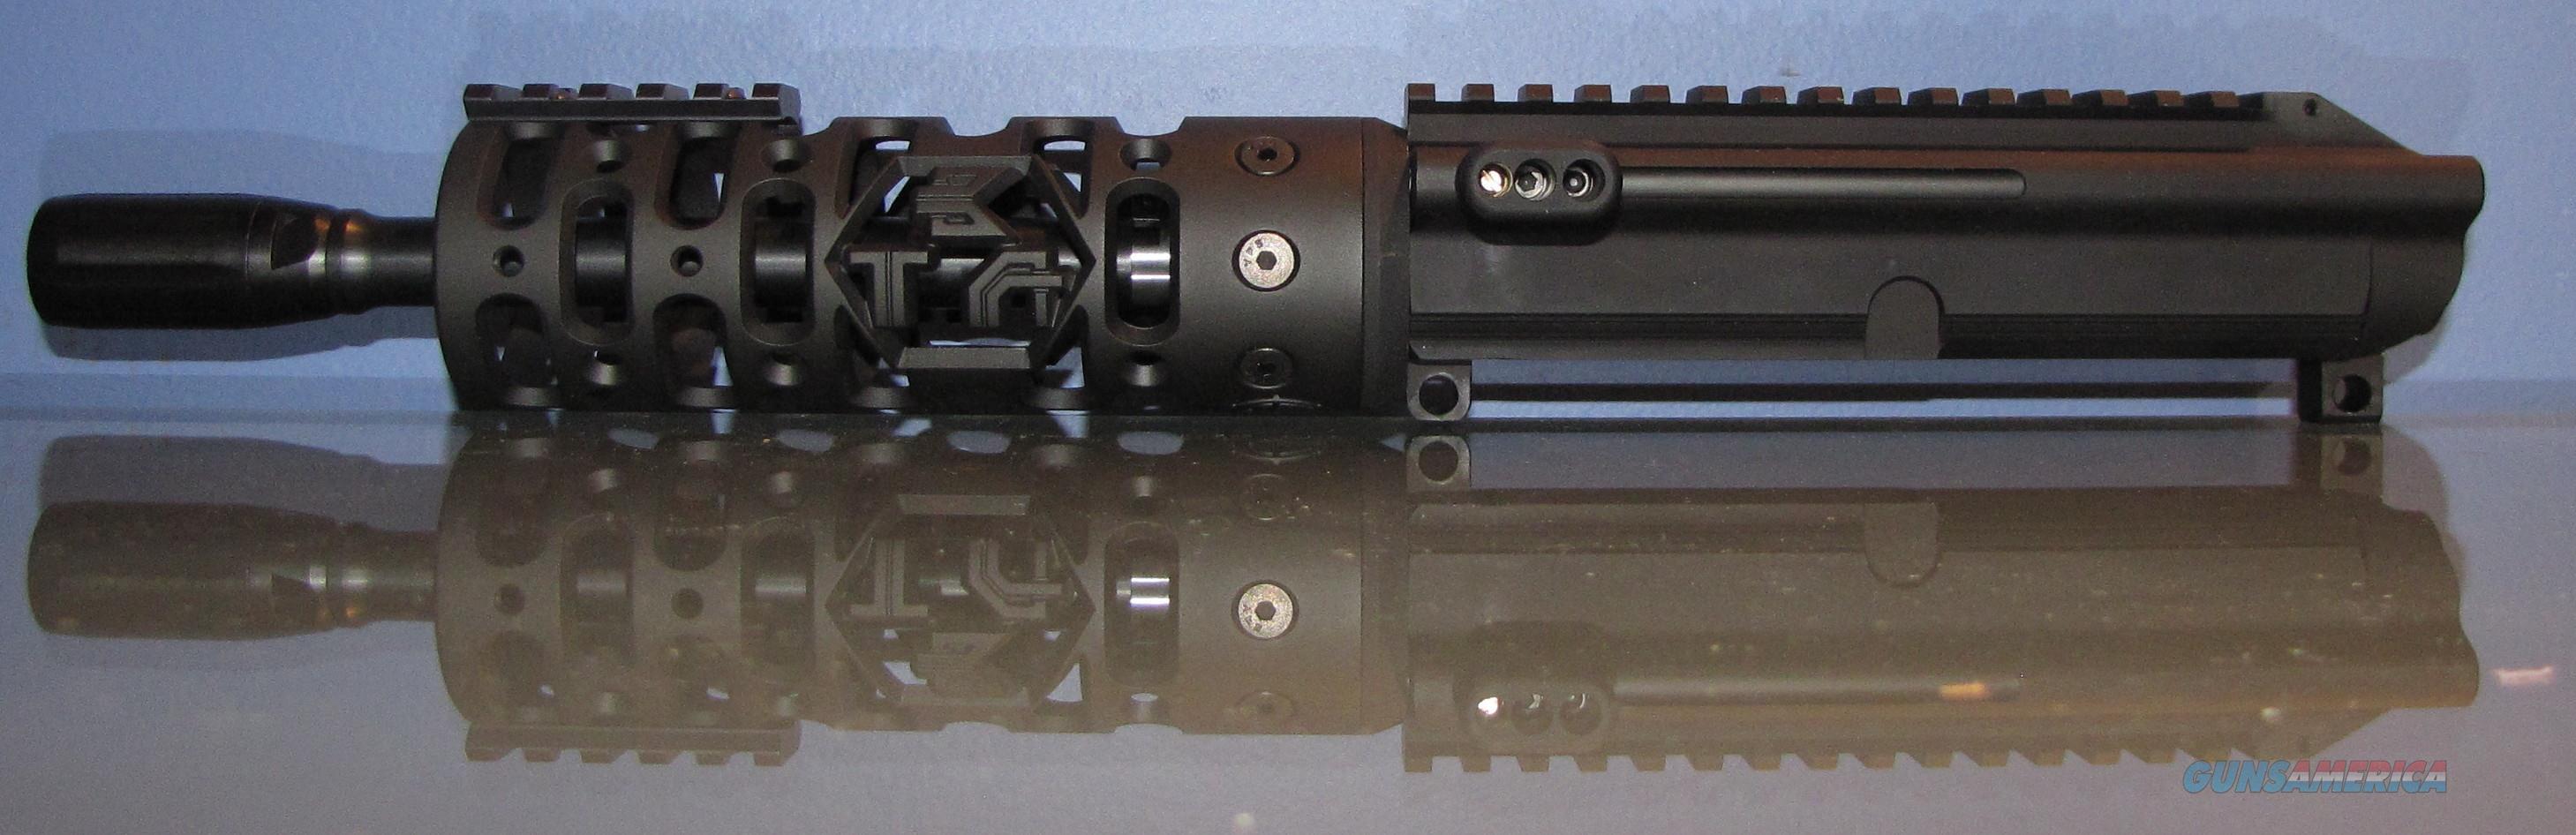 B T A Quot Sc 9 Quot 8 5 Quot Precision Billet 9mm Sbr Pis For Sale